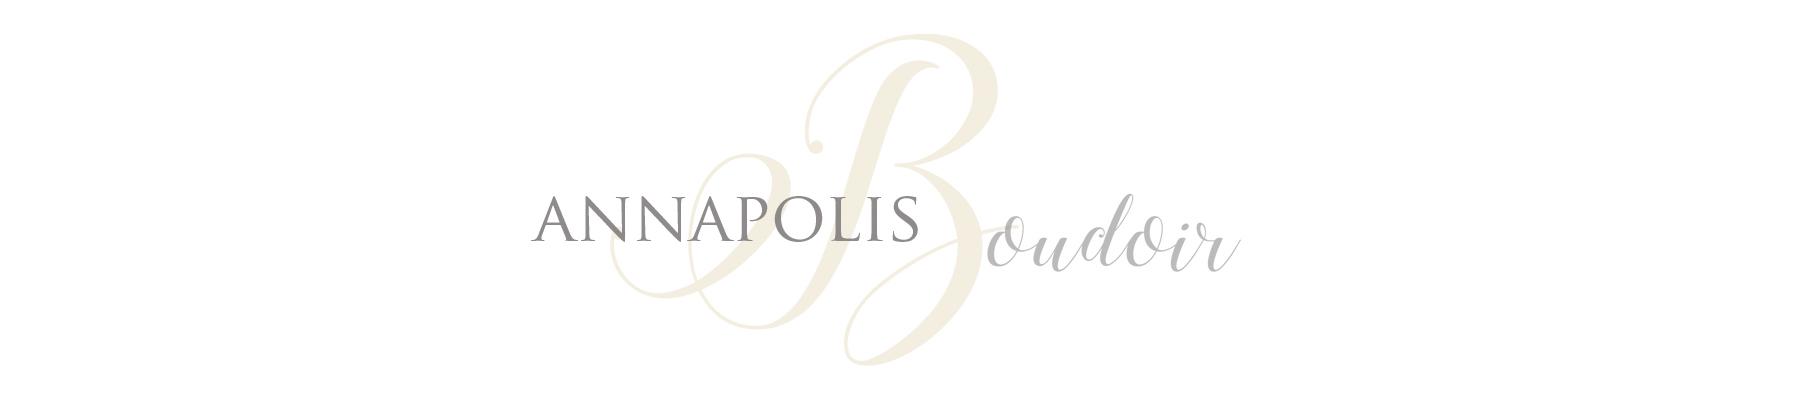 Annapolis Boudoir Photography logo for Stripe